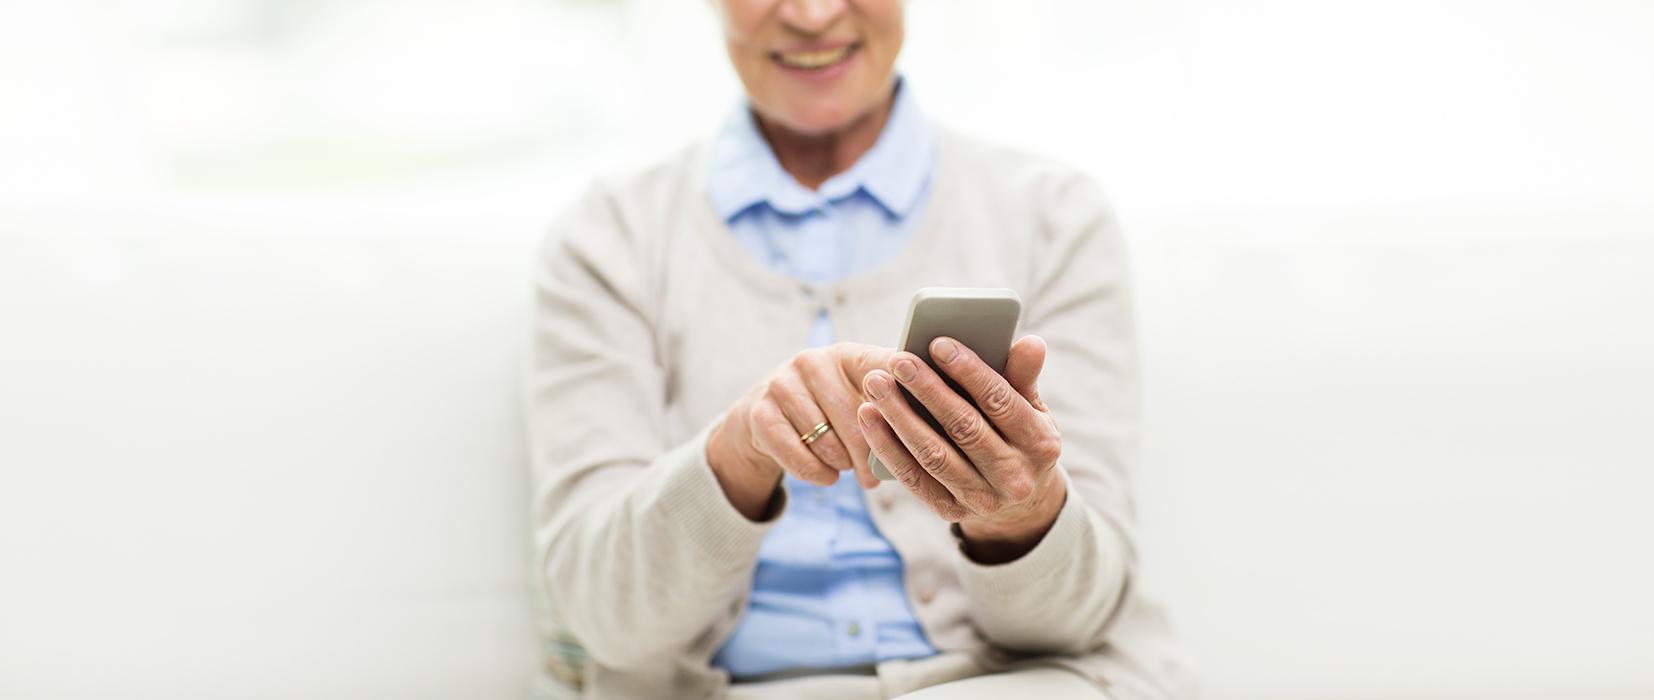 Kluge Frau, 50+, aktiv, vielseitig und technisch interessiert, sucht Tipps fürs #Neuland